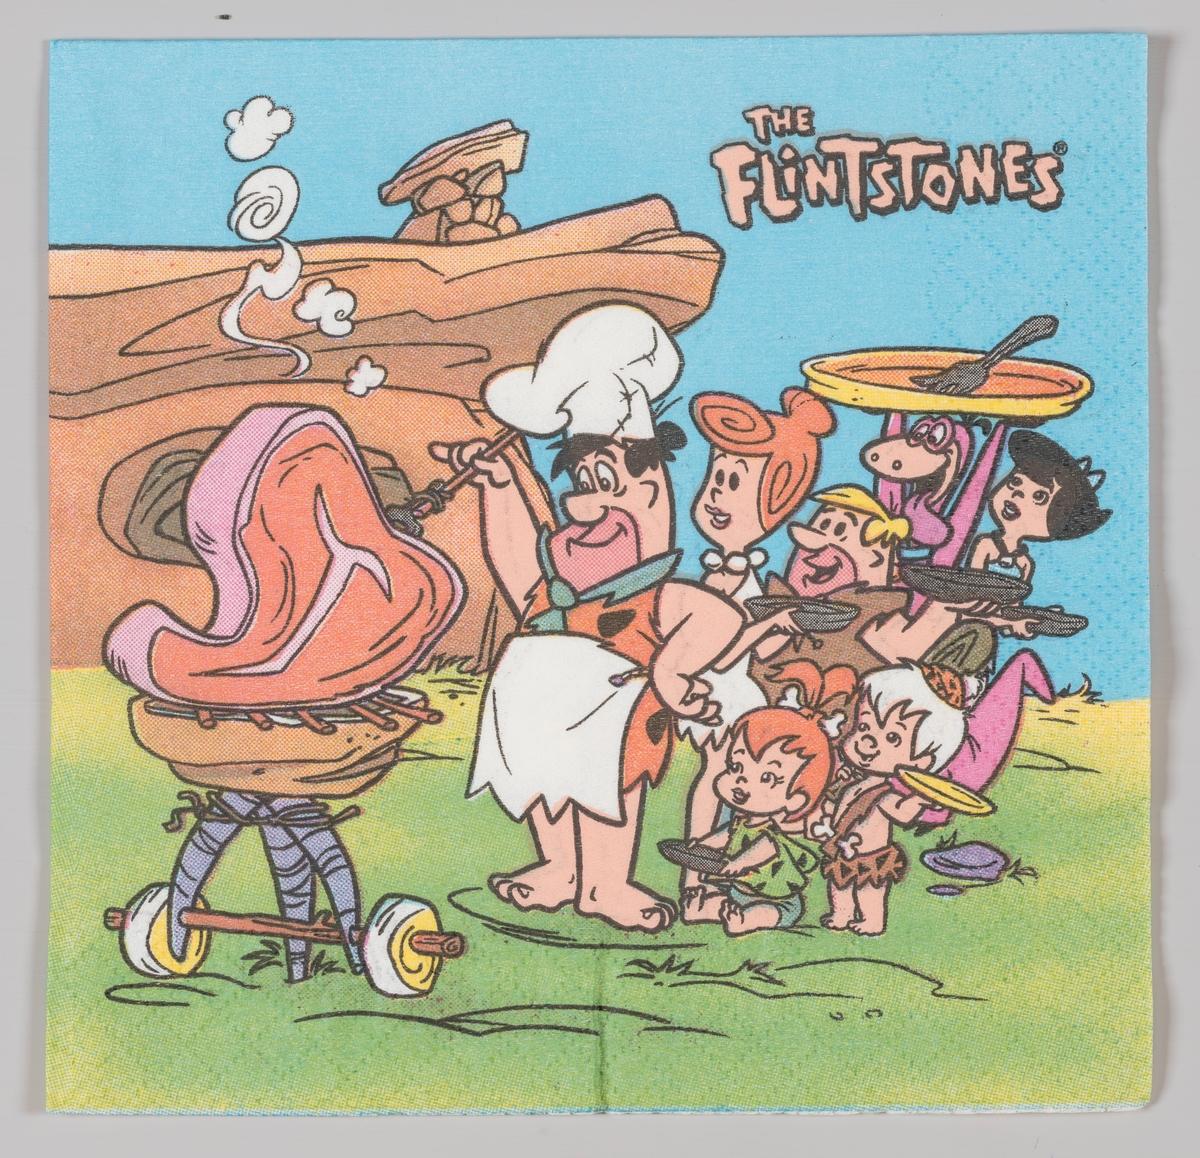 Familien Flintstone (norsk Flint) griler sammen med venner og familie.  The Flintstones (norsk Familien Flint) er en amerikansk animert komiserie som kom i 1960. Serien omhandler familien Flint og deres venner i byen Bedrock i steinalderen. I 1994 kom en film om The Flintstones med John Goodman i hovedrollen.